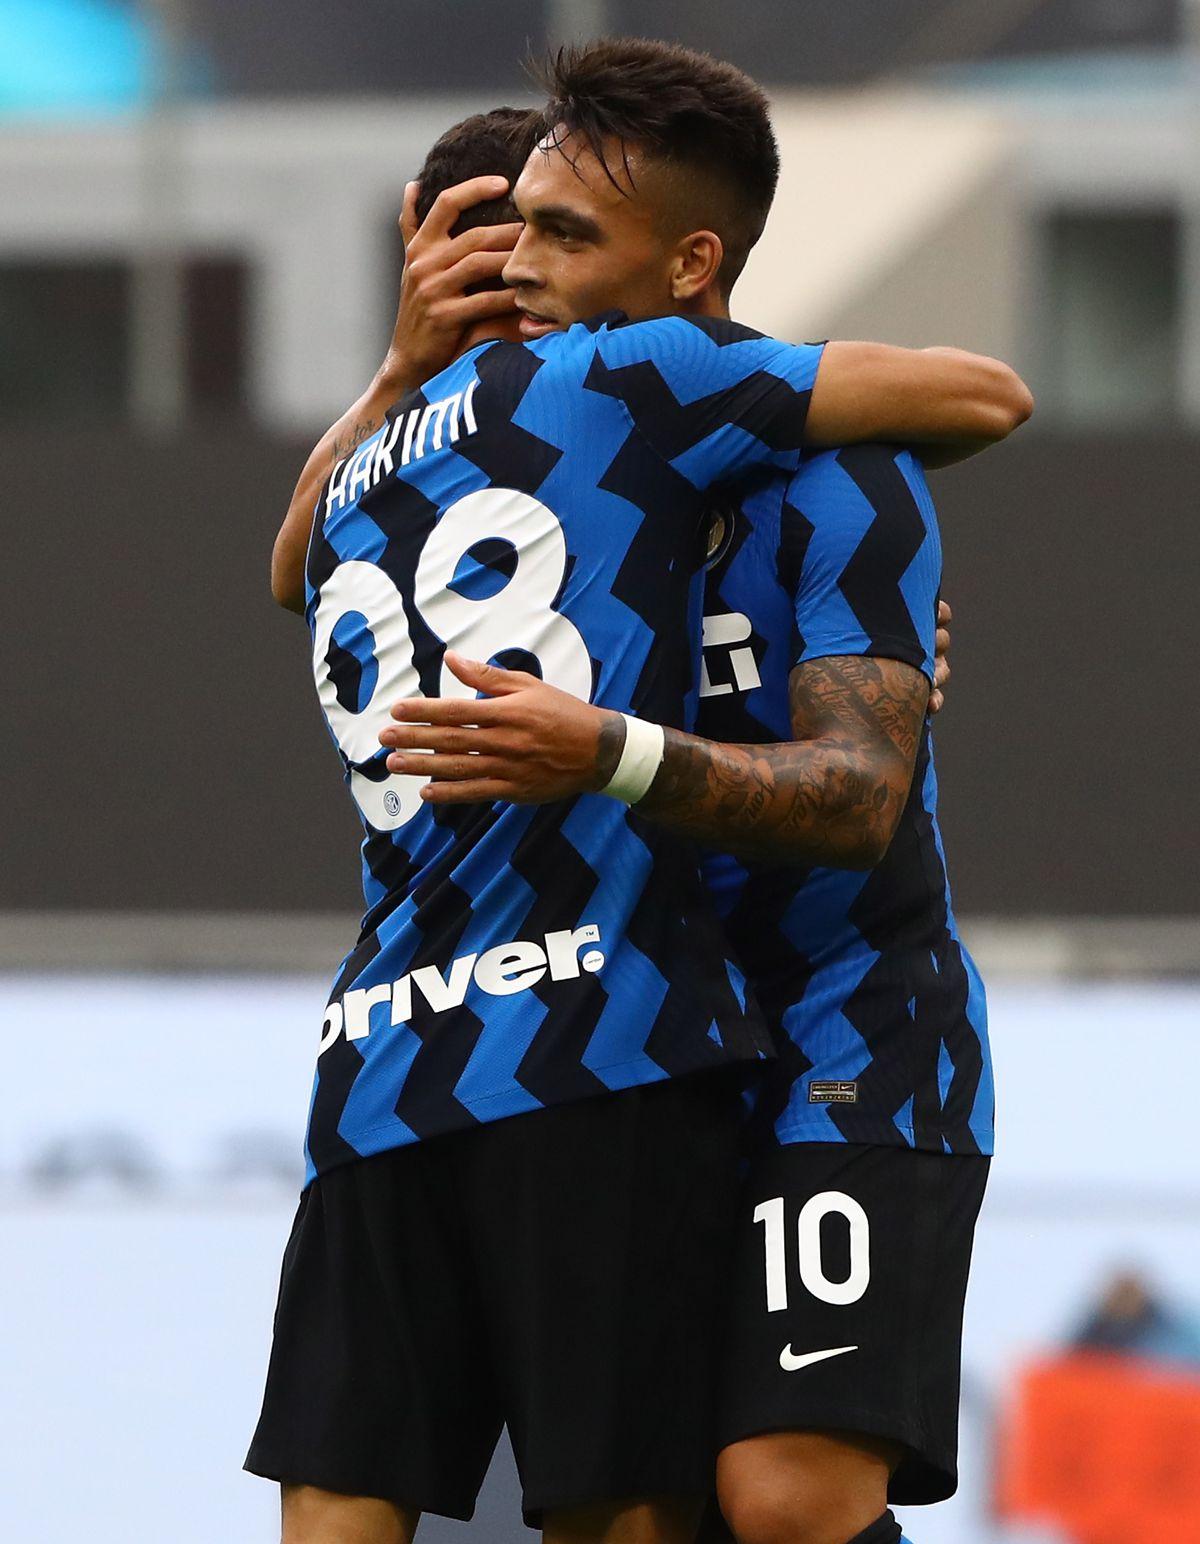 FC Internazionale v SC Pisa - Friendly Match